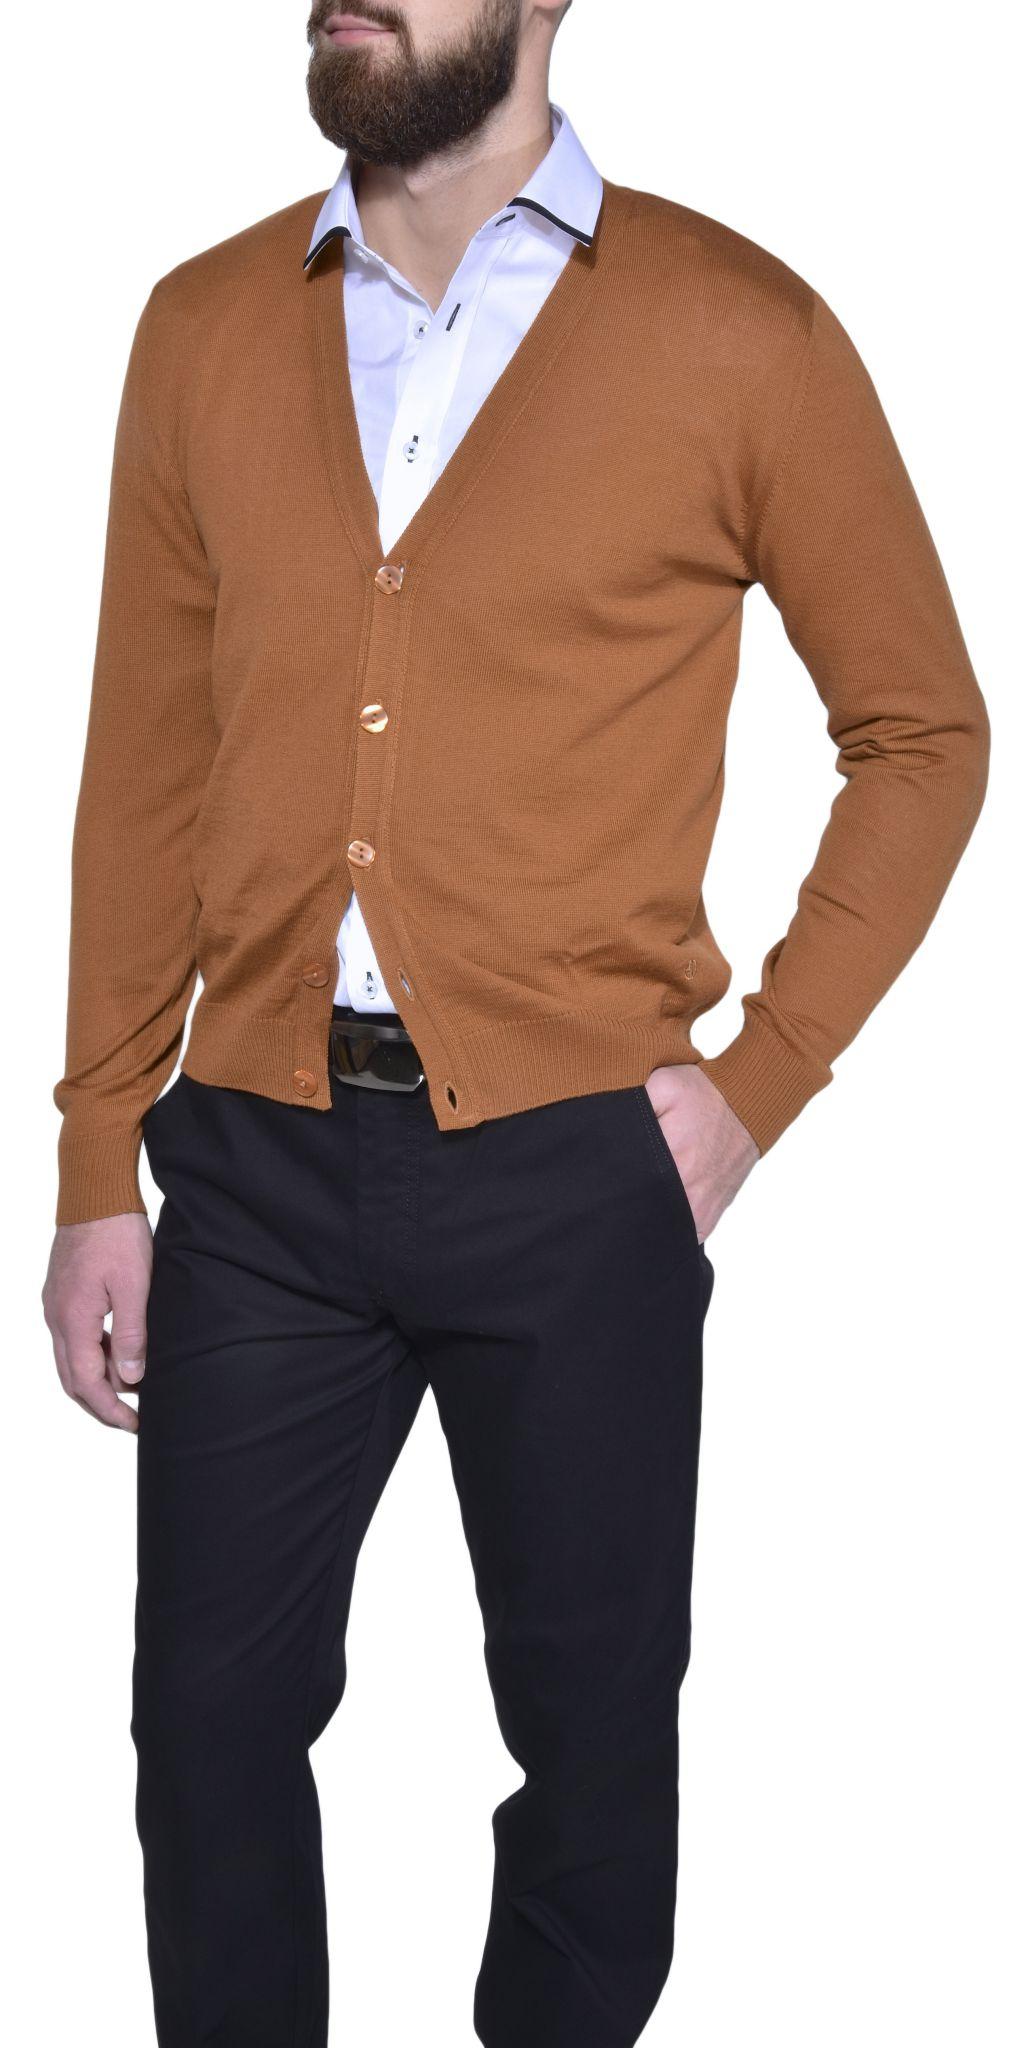 b1d4bf30a911 Hnedý sveter na gombíky - Pulóvre a svetre - E-shop